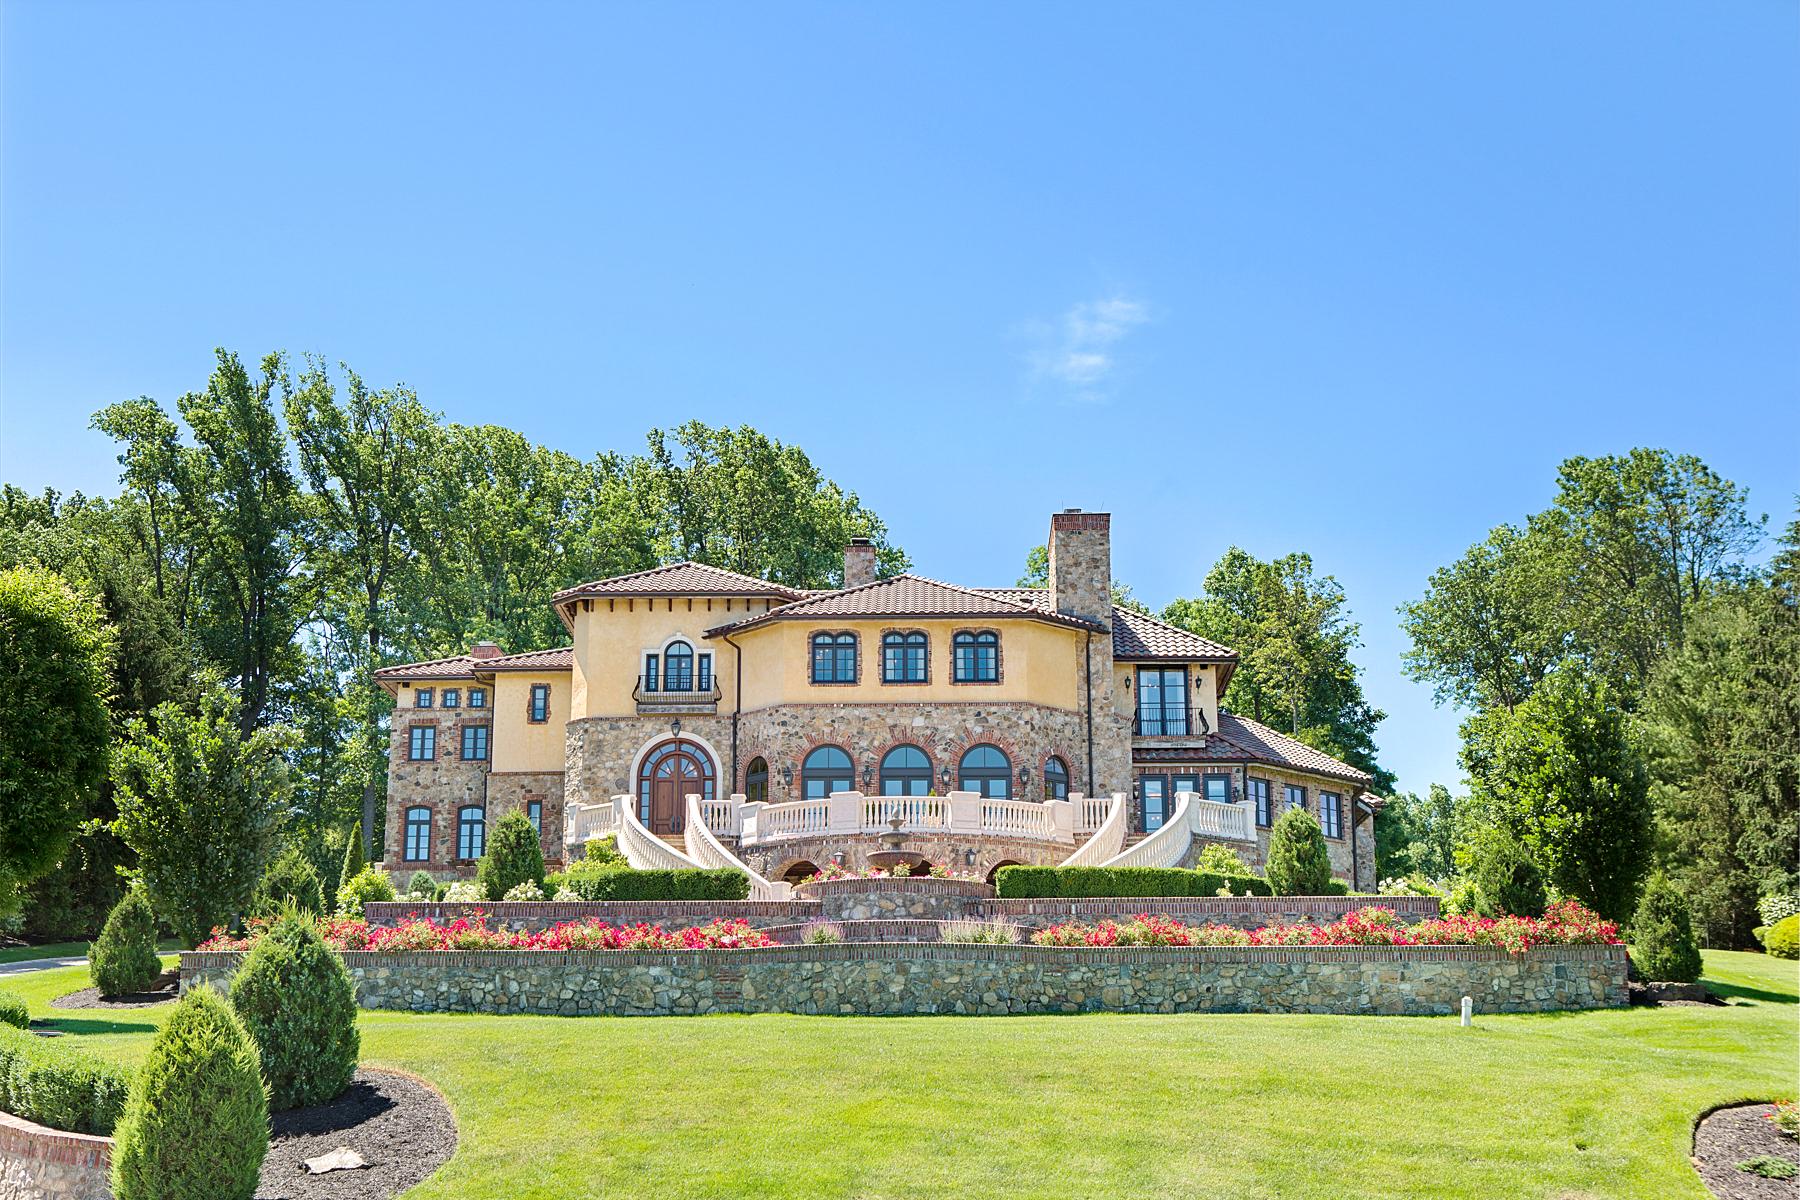 Частный односемейный дом для того Продажа на Villa De Sogni Dream House 5 Tiffany's Way Warren, 07059 Соединенные Штаты